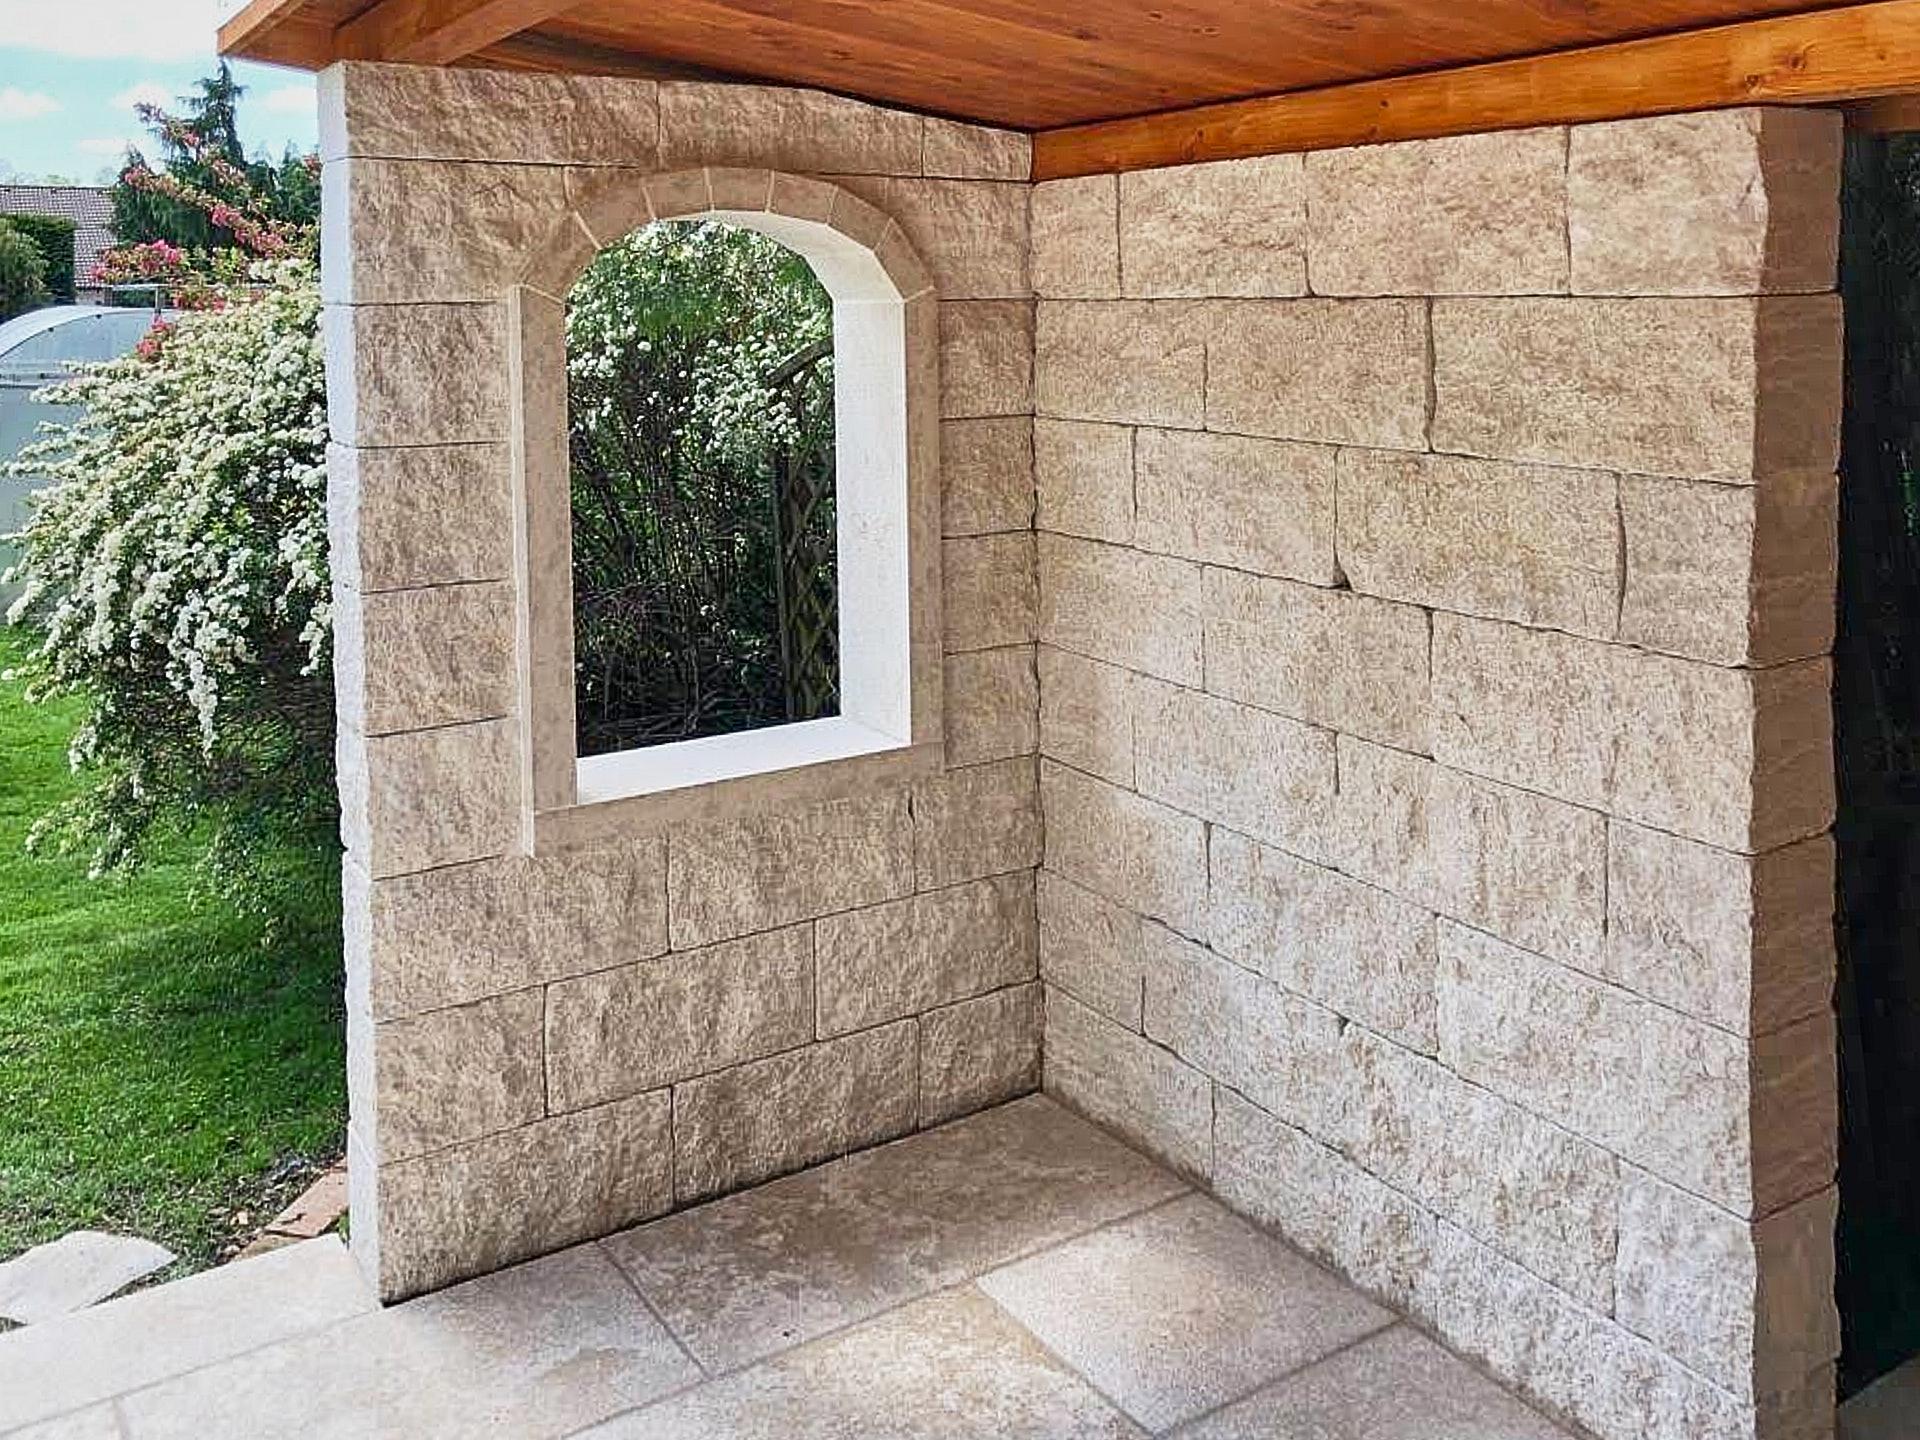 Natursteinmauer im Garten mit Fenster